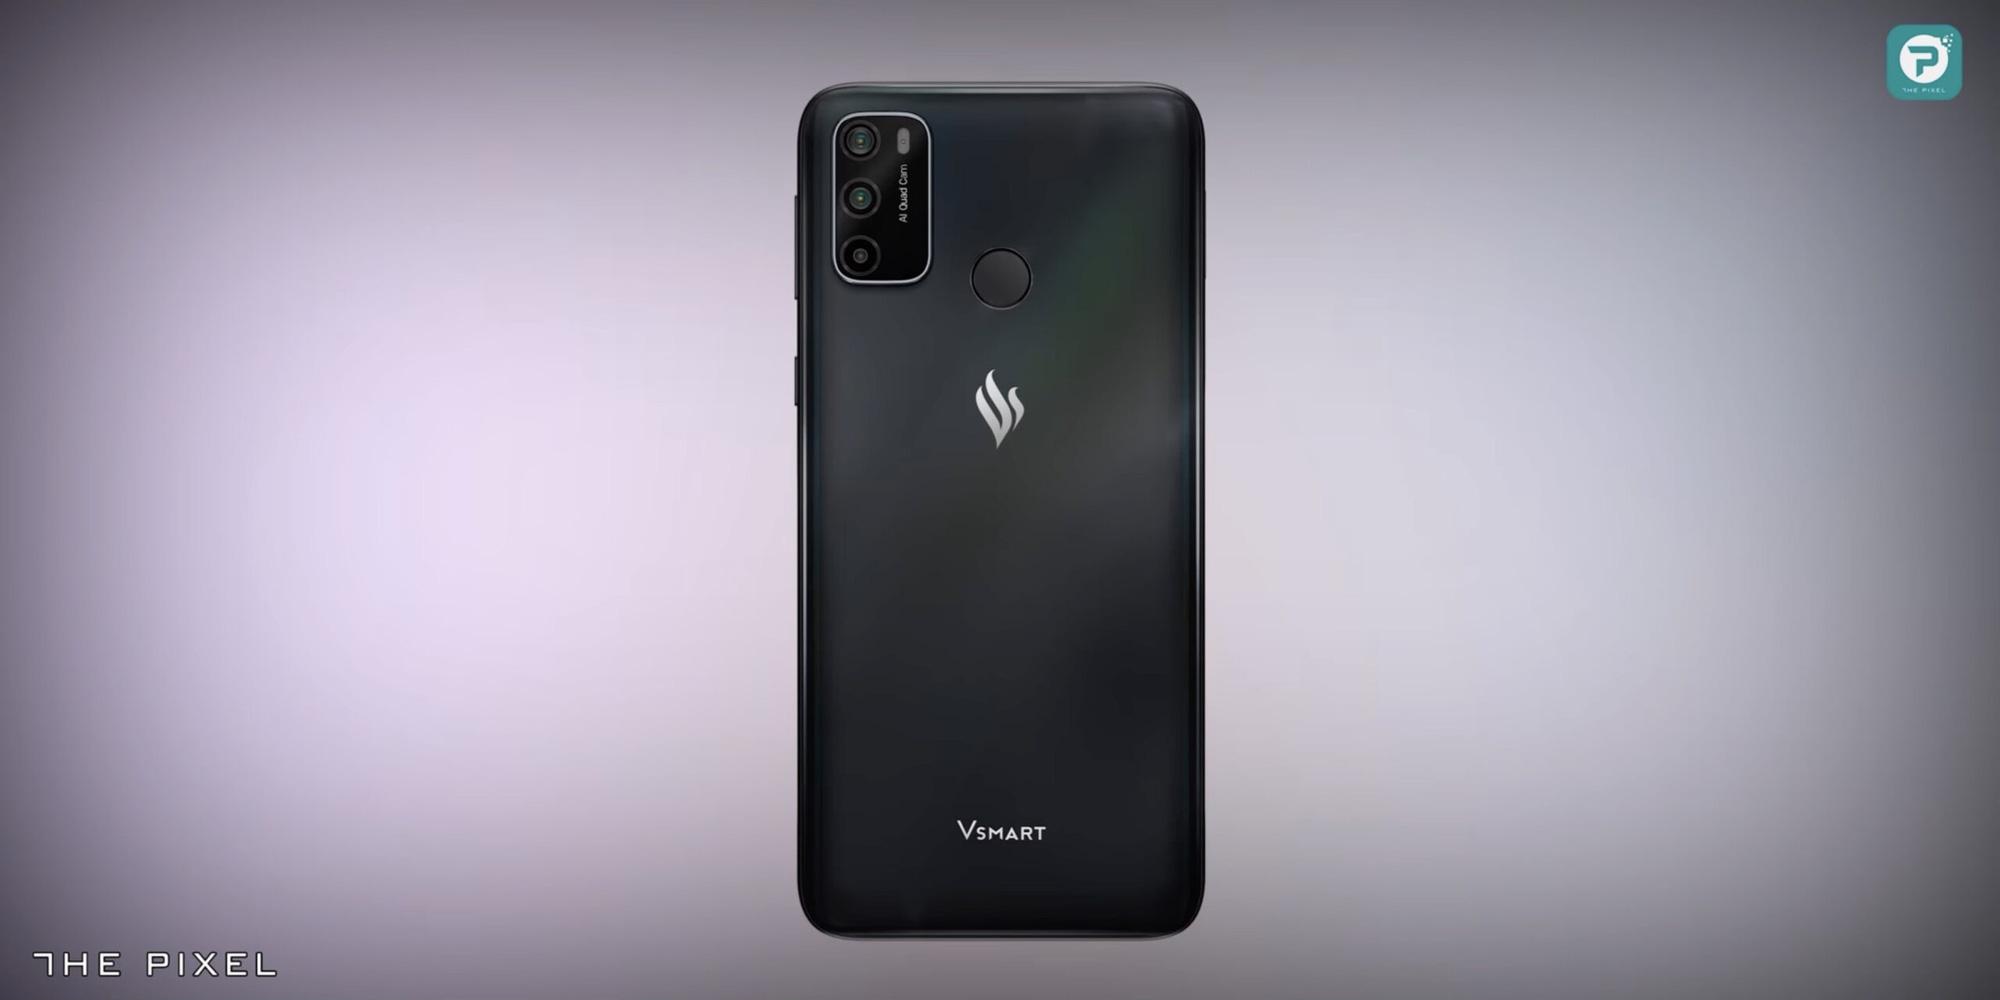 Bất ngờ điện thoại Vsmart của tỷ phú Phạm Nhật Vượng sắp ra mắt - Ảnh 5.